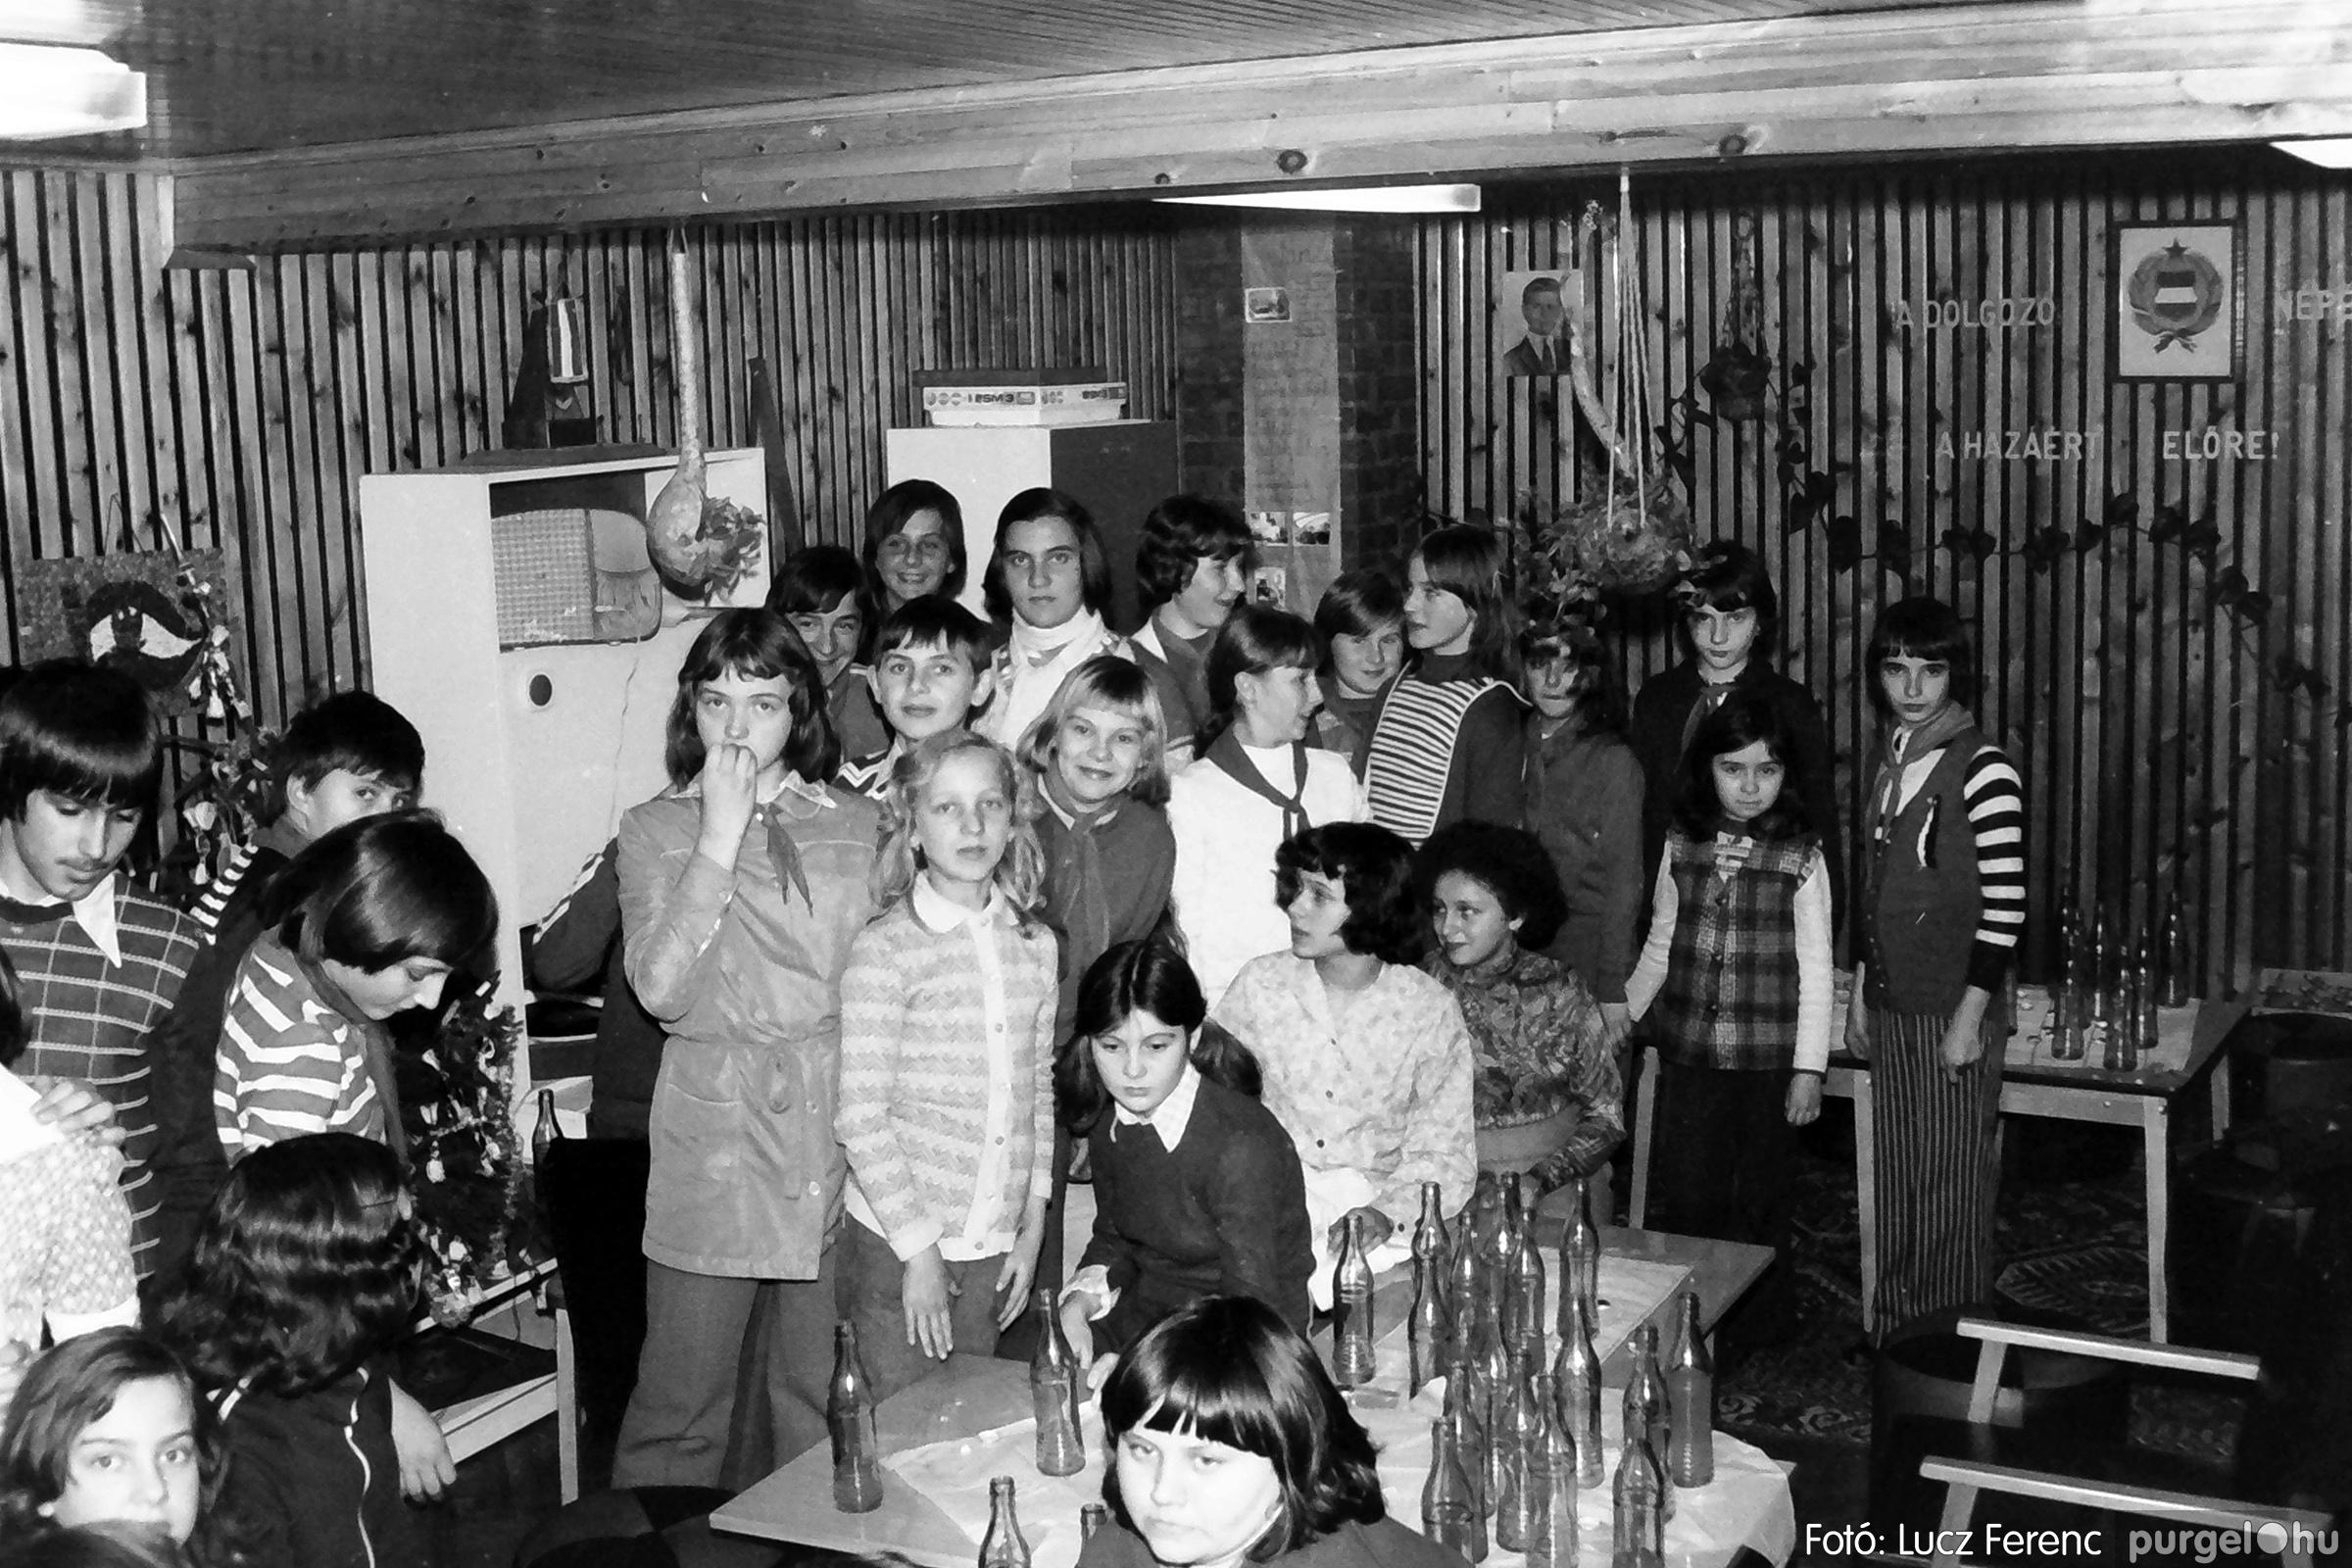 067. 1976. Karácsonyi buli az úttörőszobában 004. - Fotó: Lucz Ferenc.jpg